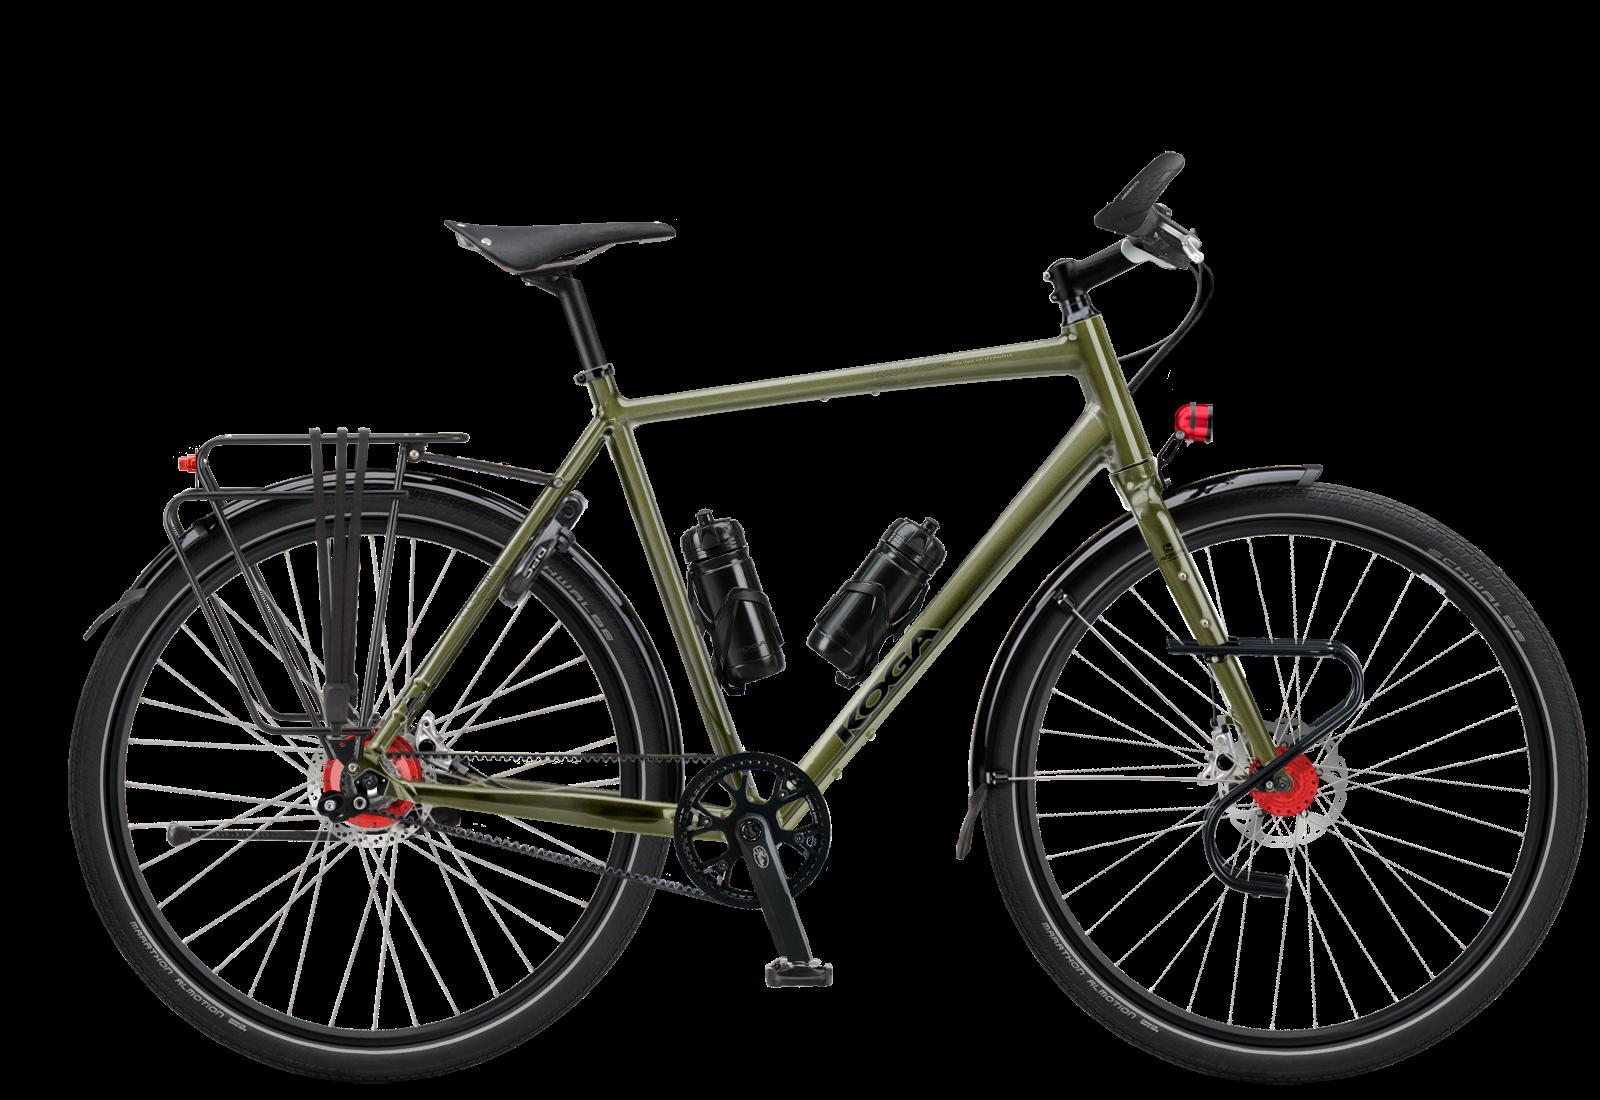 Bici da cicloturismo Koga Worldtraveler